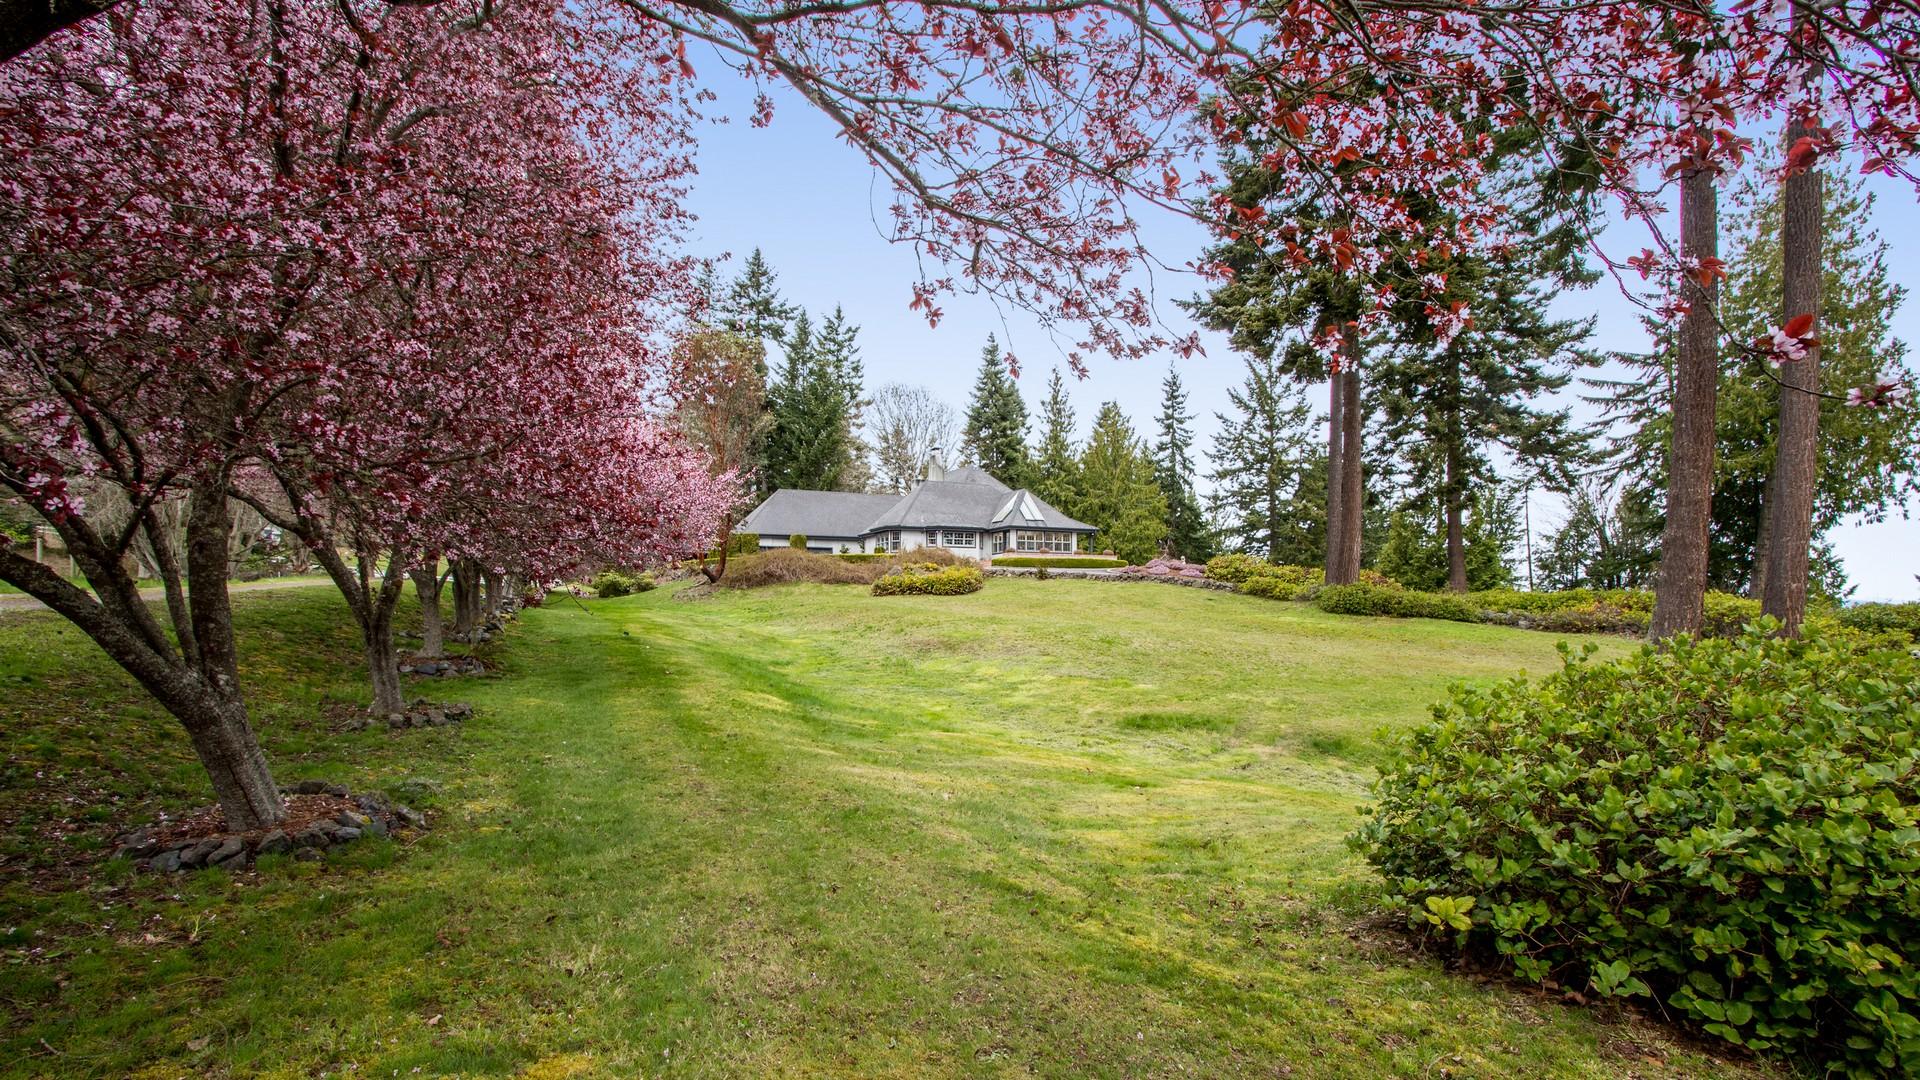 Casa Unifamiliar por un Venta en Waterfront Country Manor 164 Seagull Drive Port Angeles, Washington 98363 Estados Unidos